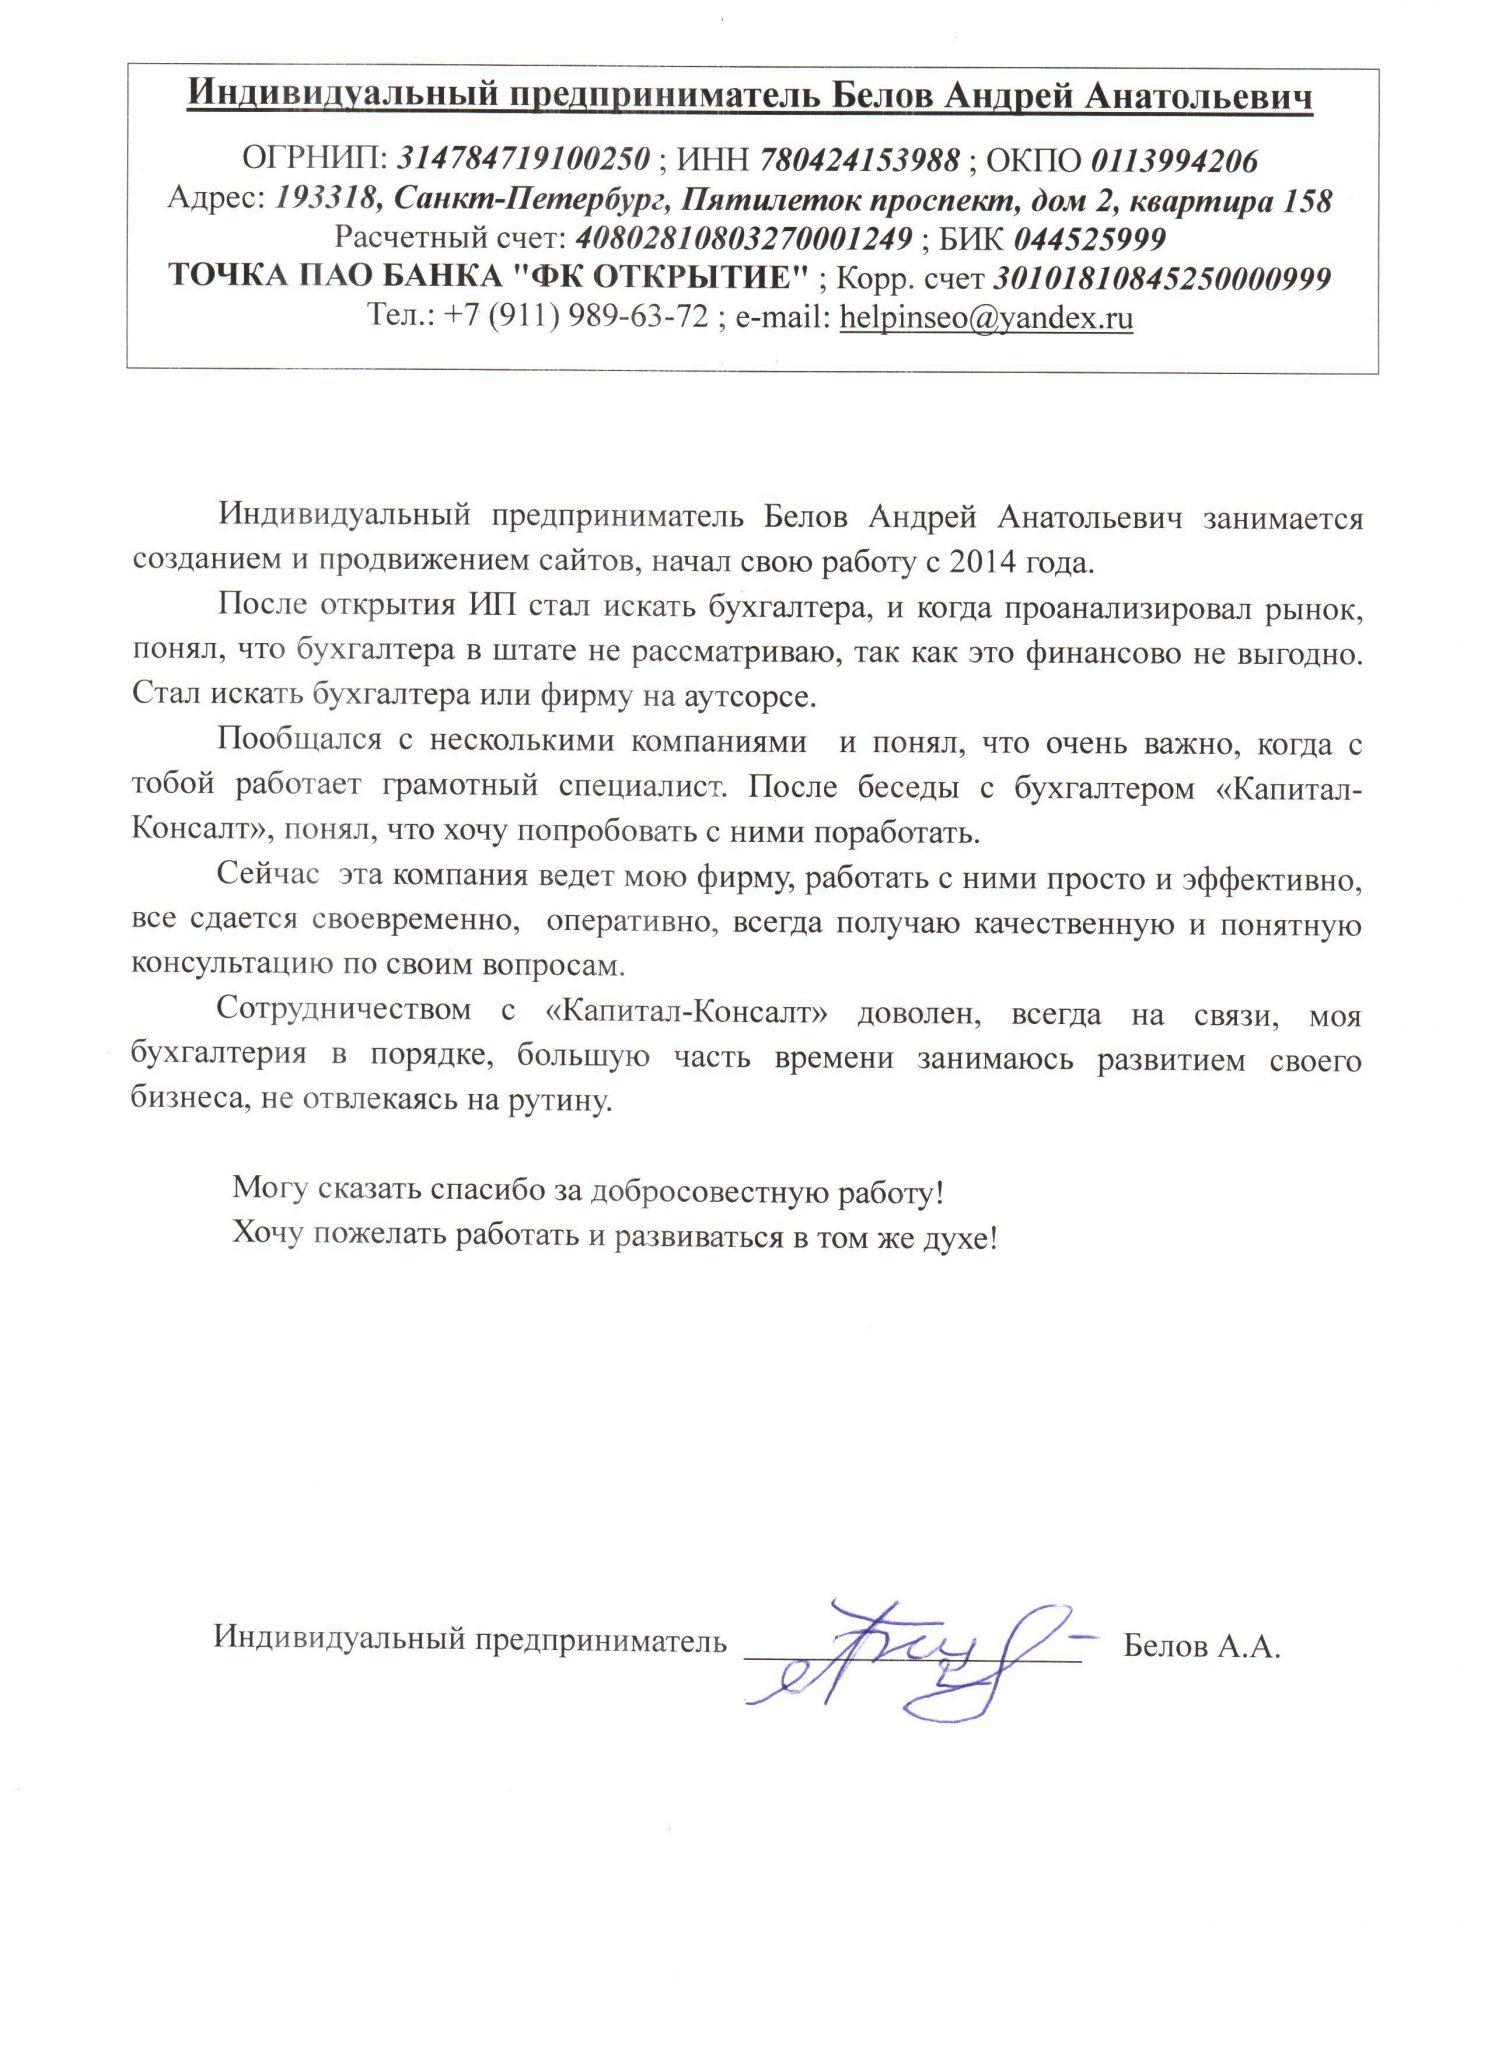 ИП-Белов